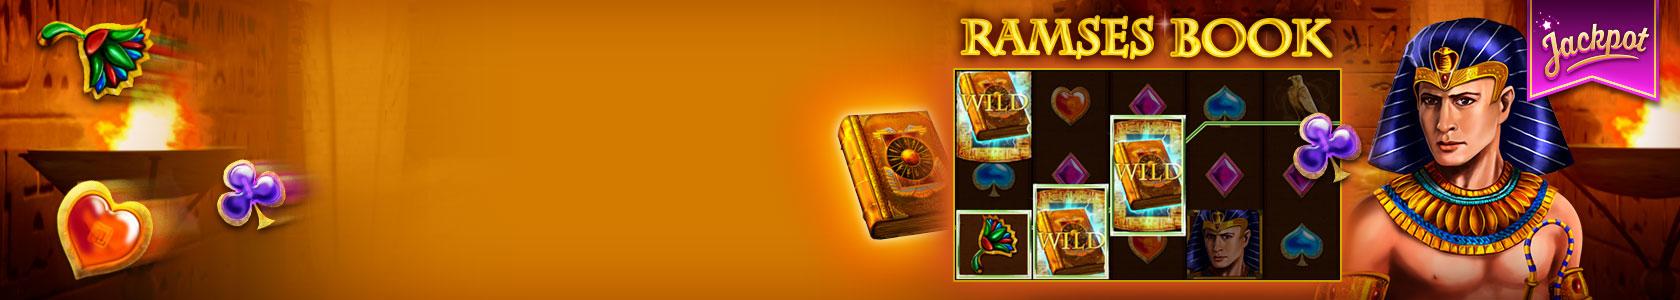 Ramses Book Jetzt Spielen